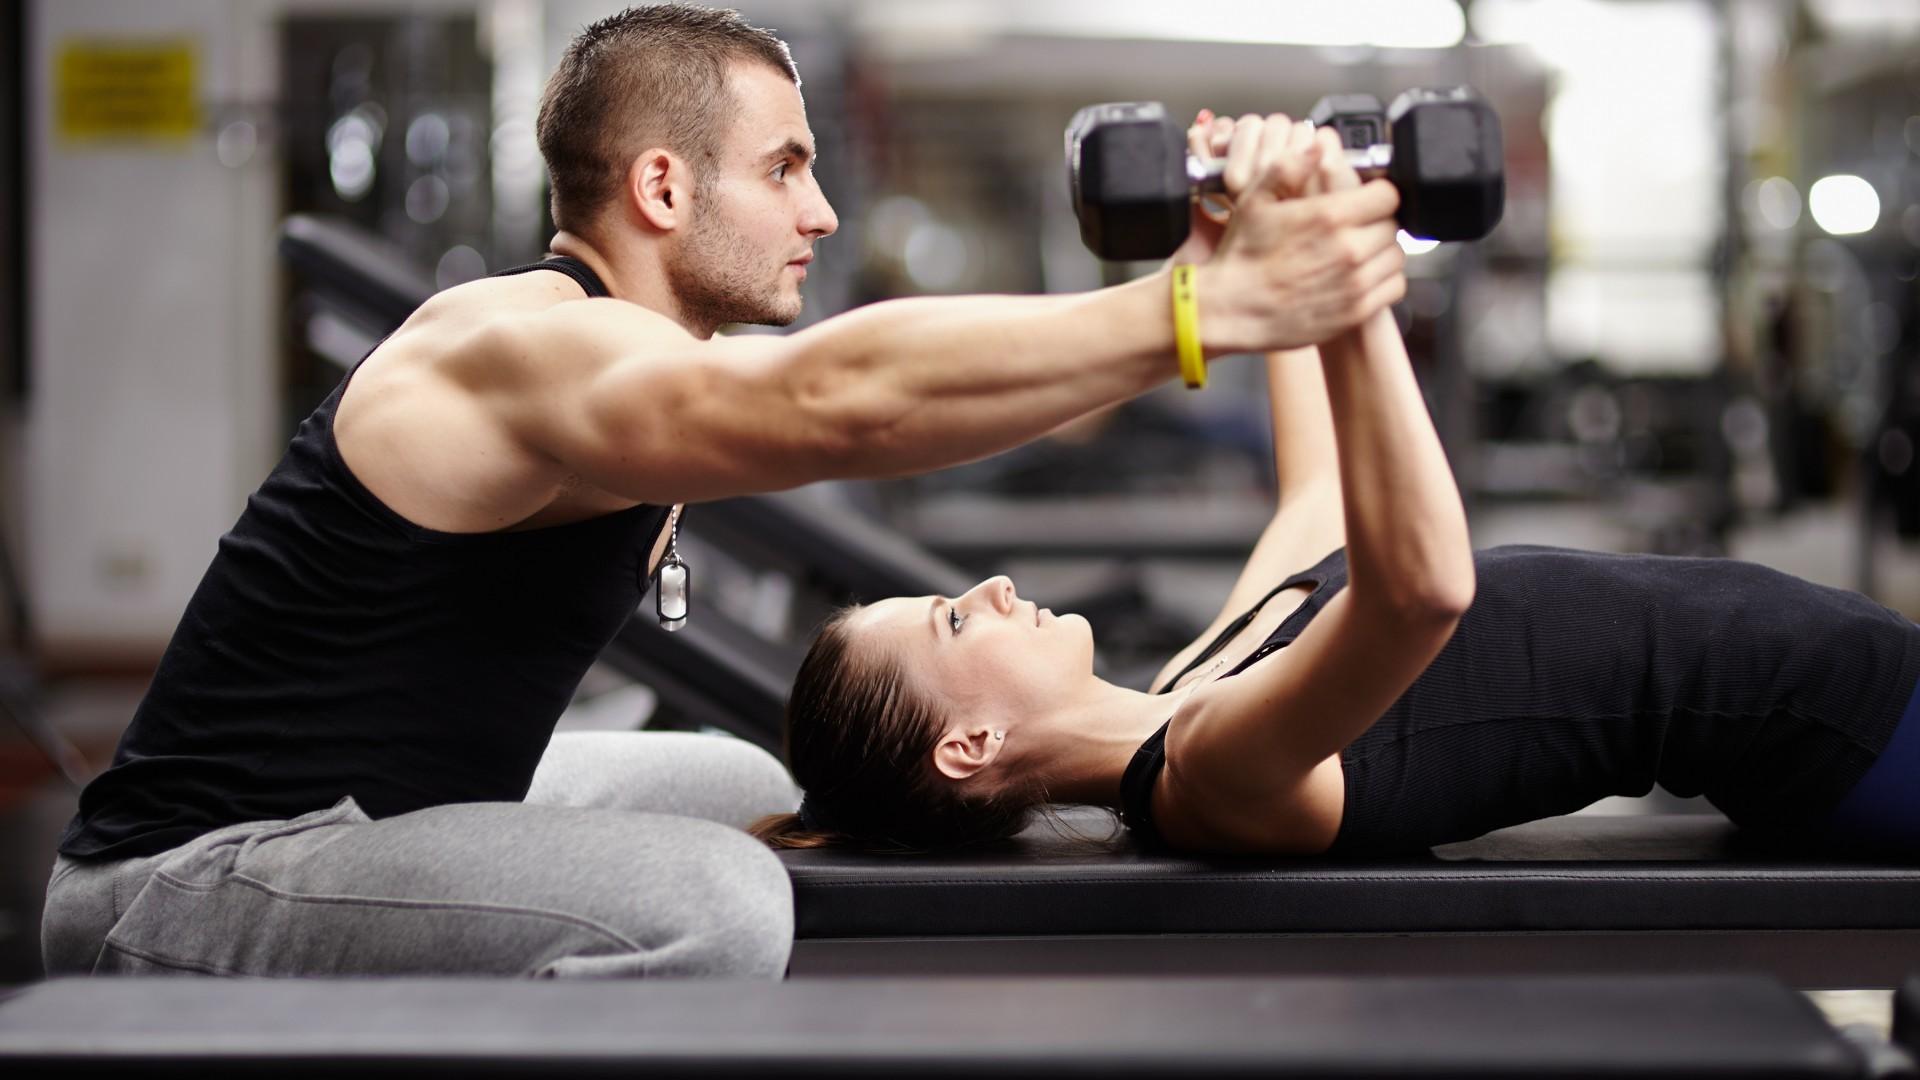 gym workout desktop wallpaper 894